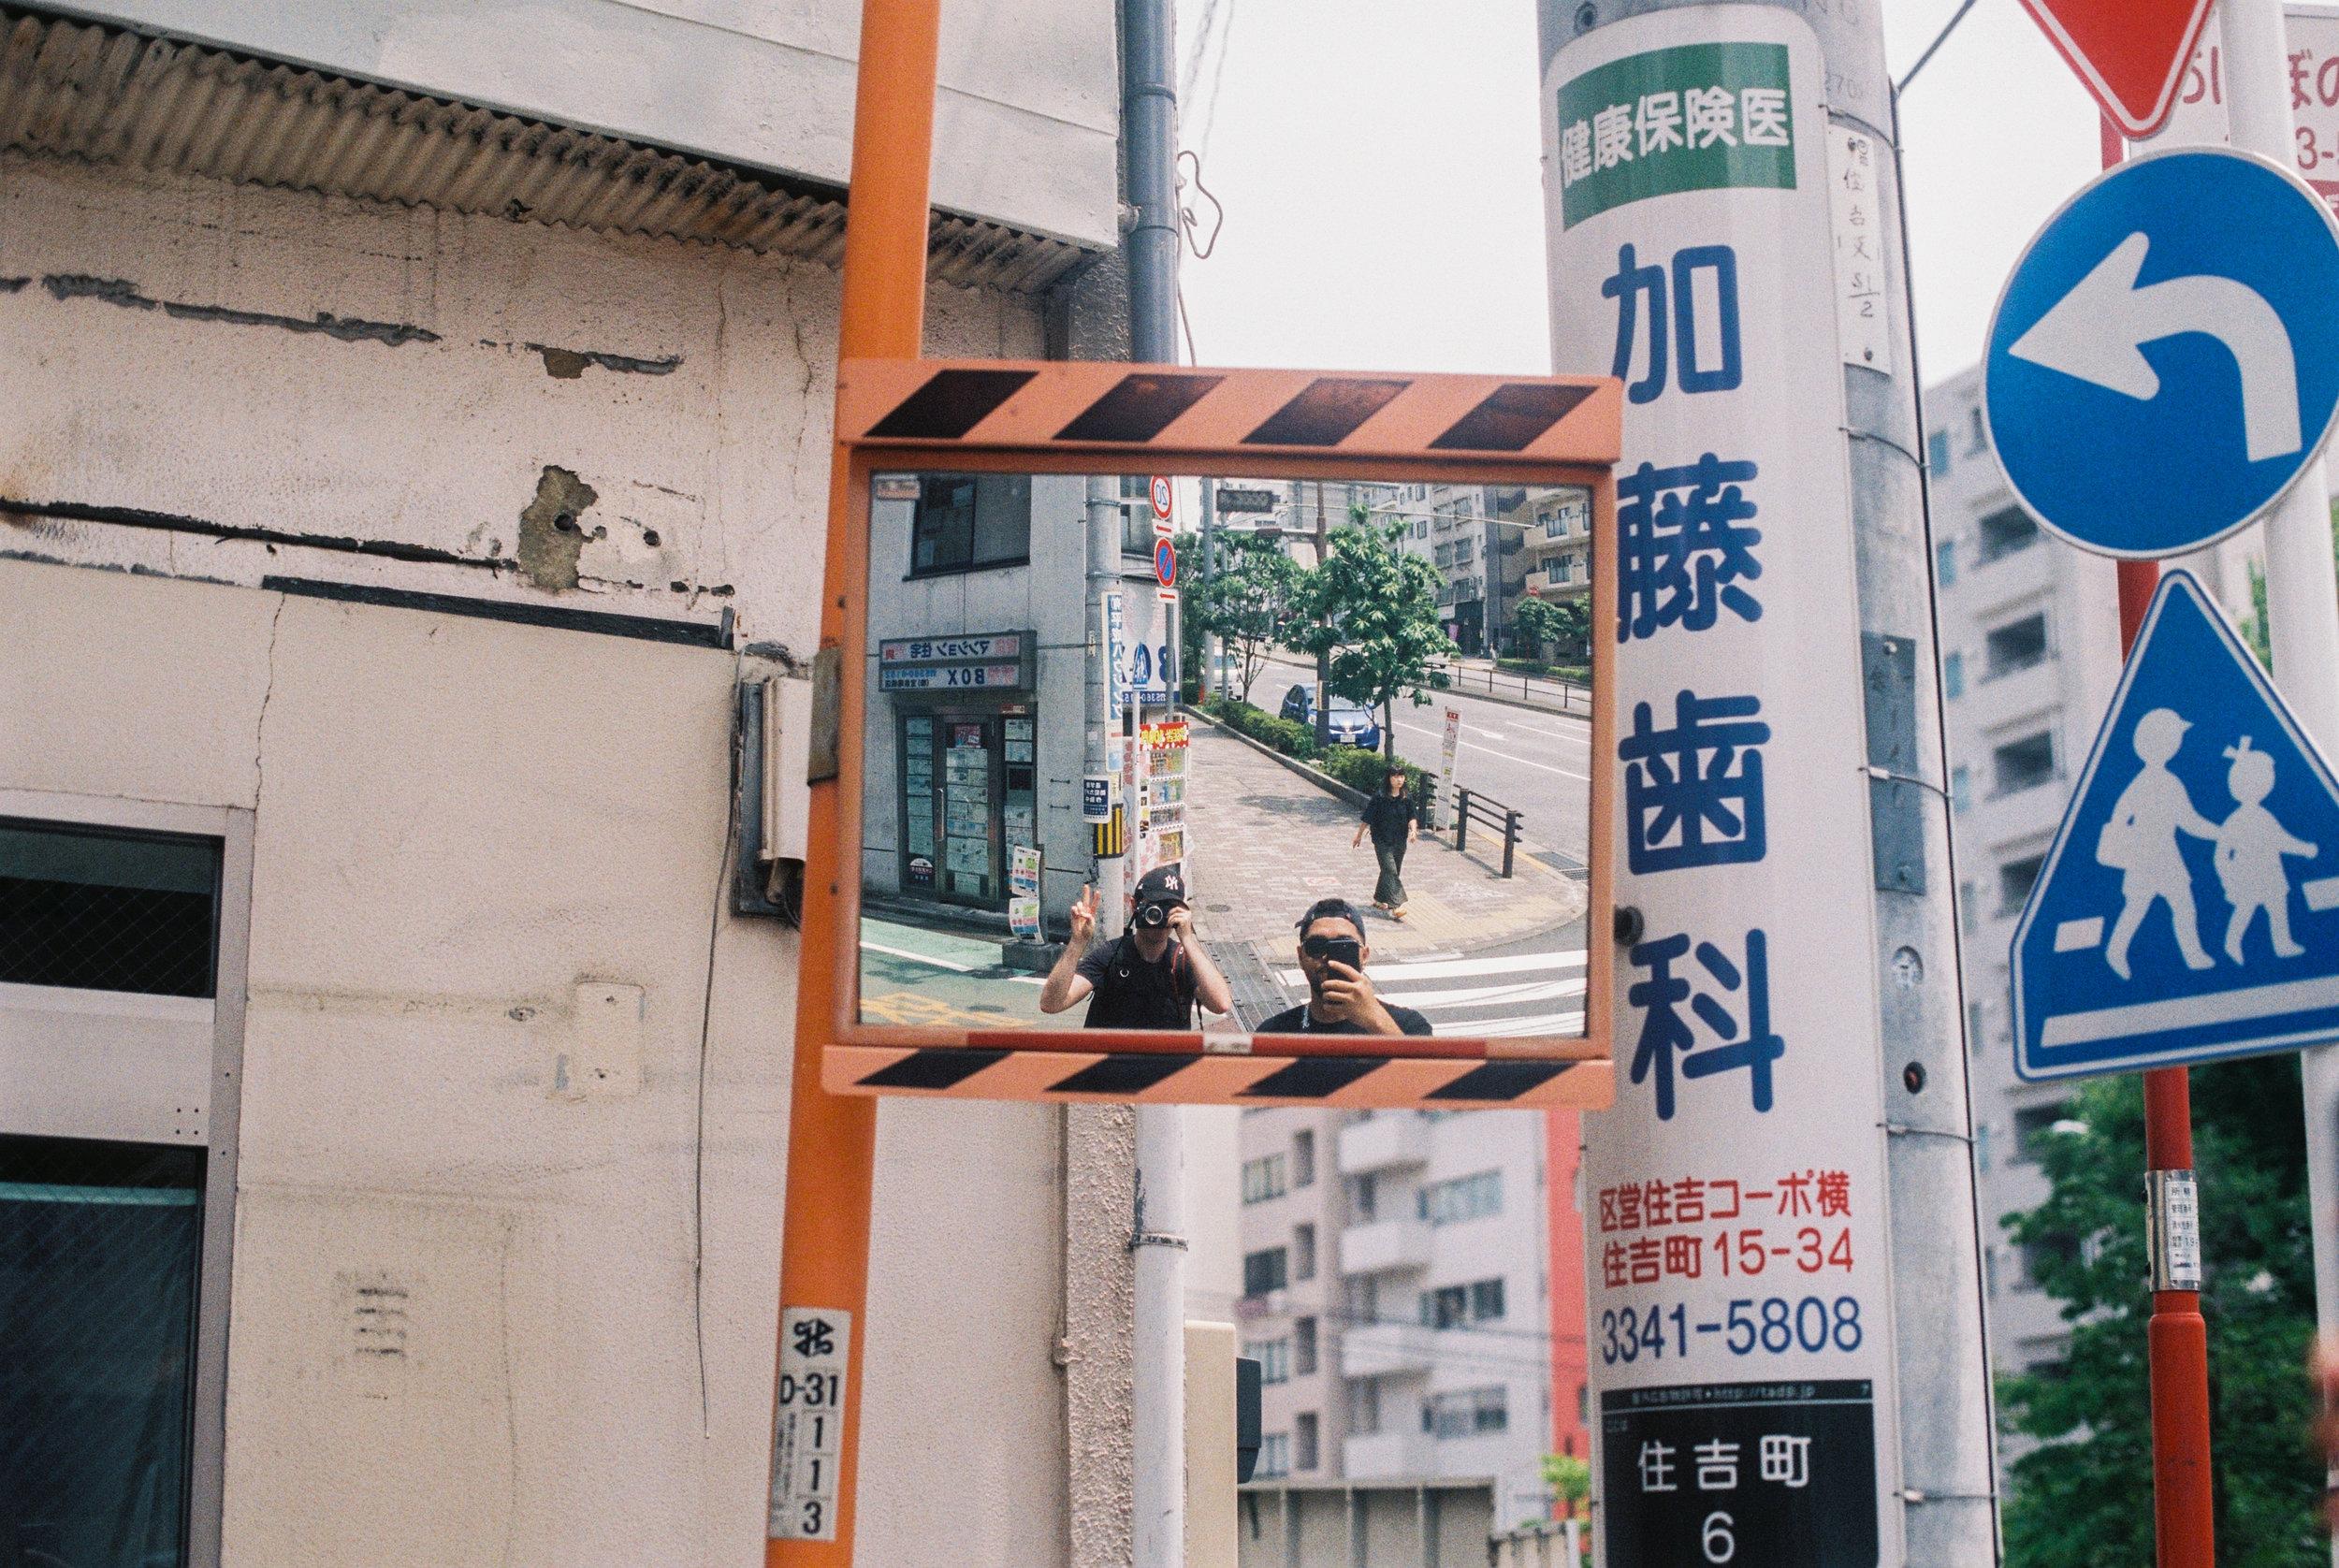 japan-benjaminandrew.jpg